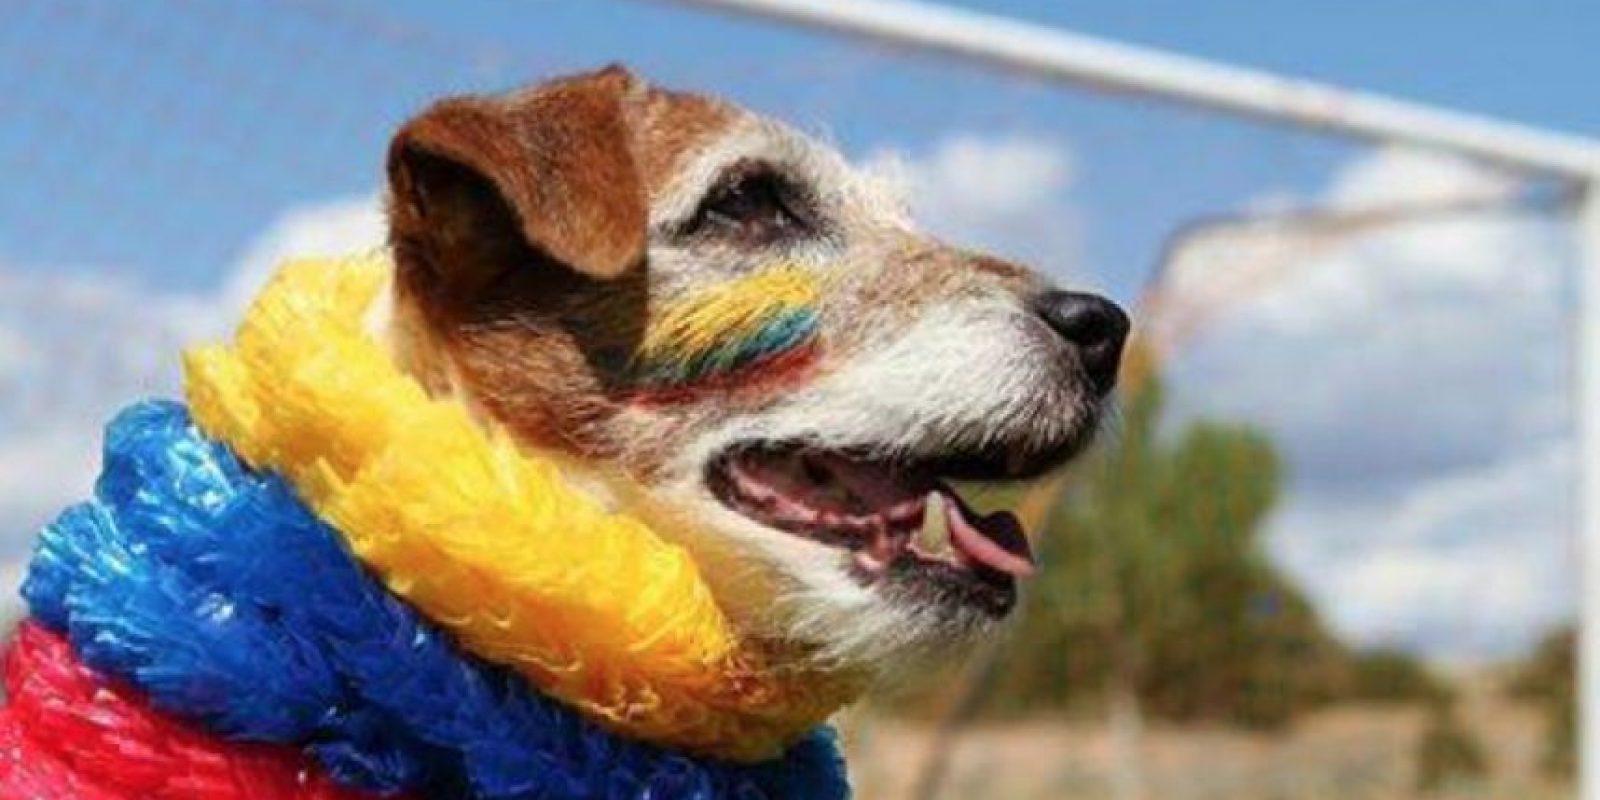 Uggie murió a los 13 años, sacrificado por un cáncer de próstata. Foto:vía Facebook/Uggie The- Artist